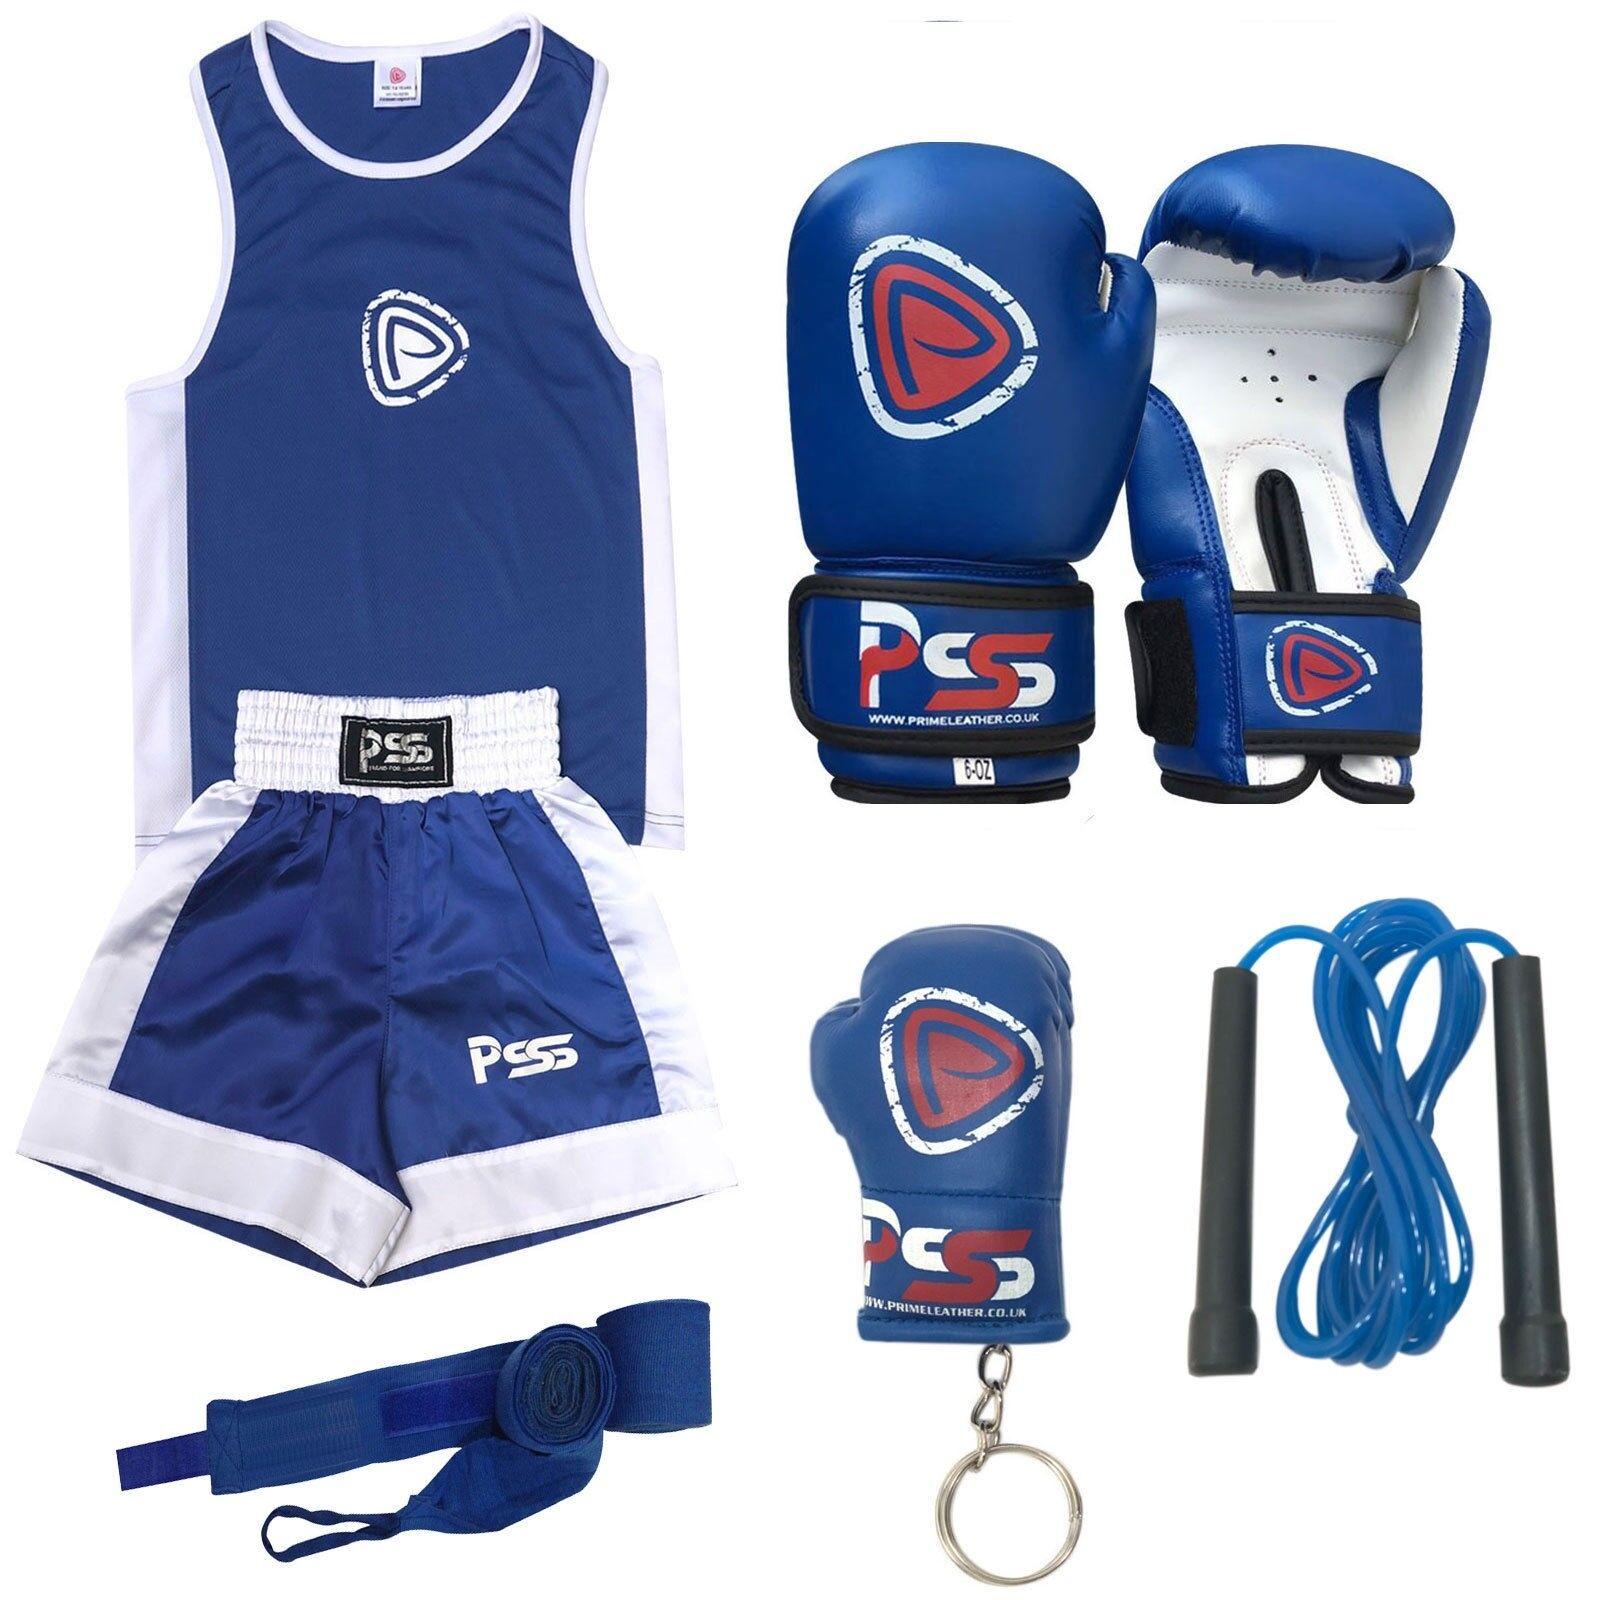 Kinder Hochwertig Boxen Uniform Set Top+Boxhandschuhe (1007) 3-14 Jahre Jahre Jahre b73ee8